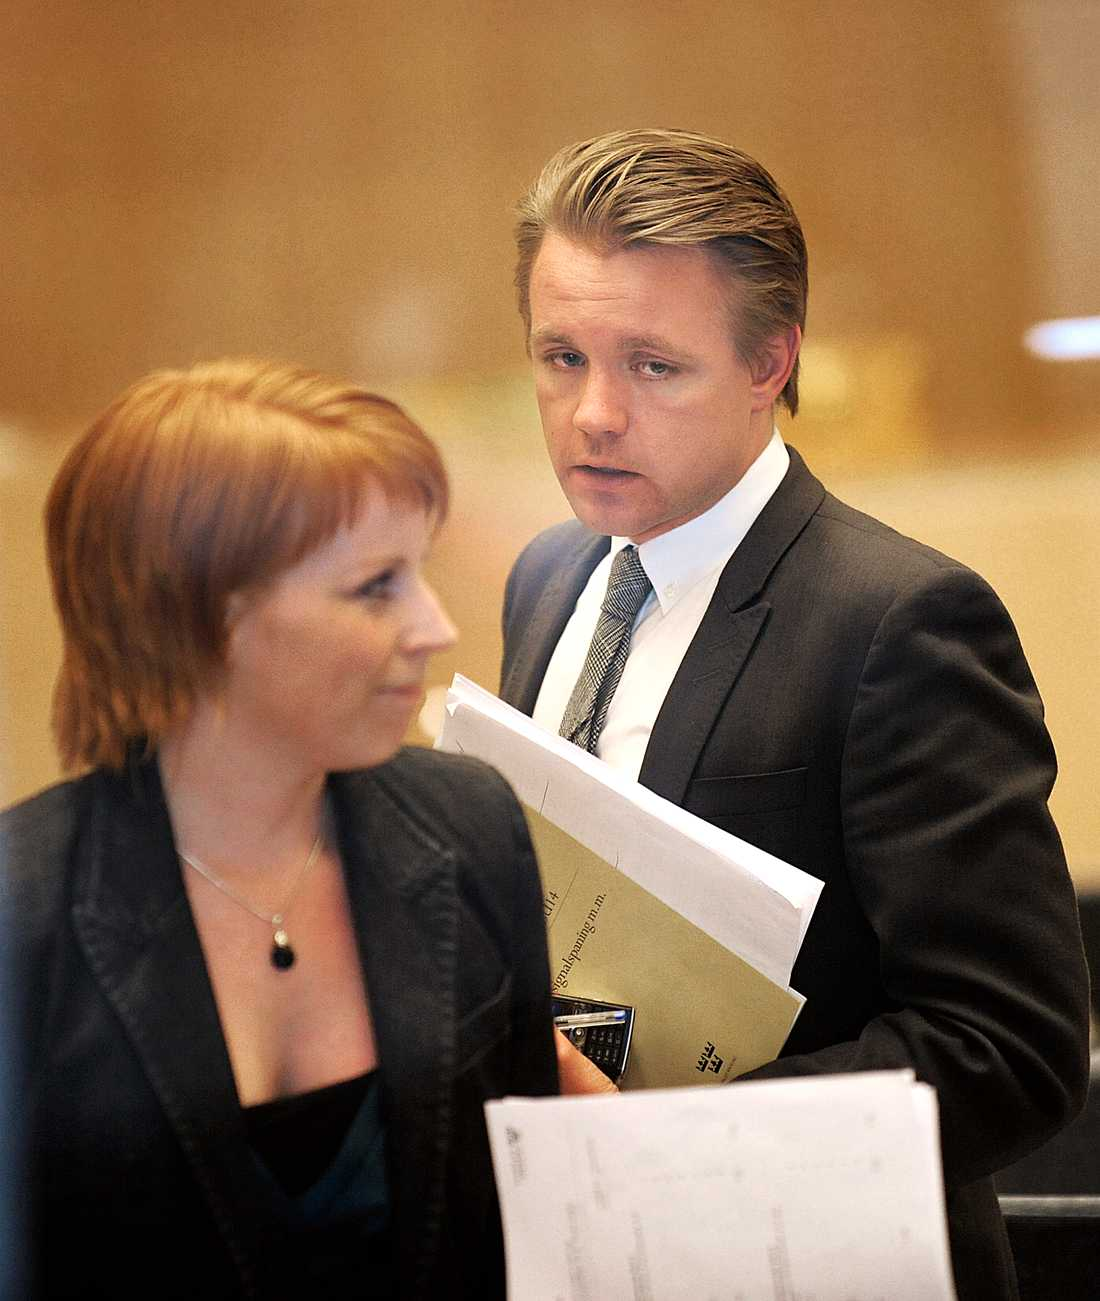 RÖSTADE MOT PARTIET Annie Lööf och Fredrik Federley röstade mot partiet i FRA-frågan 2008.